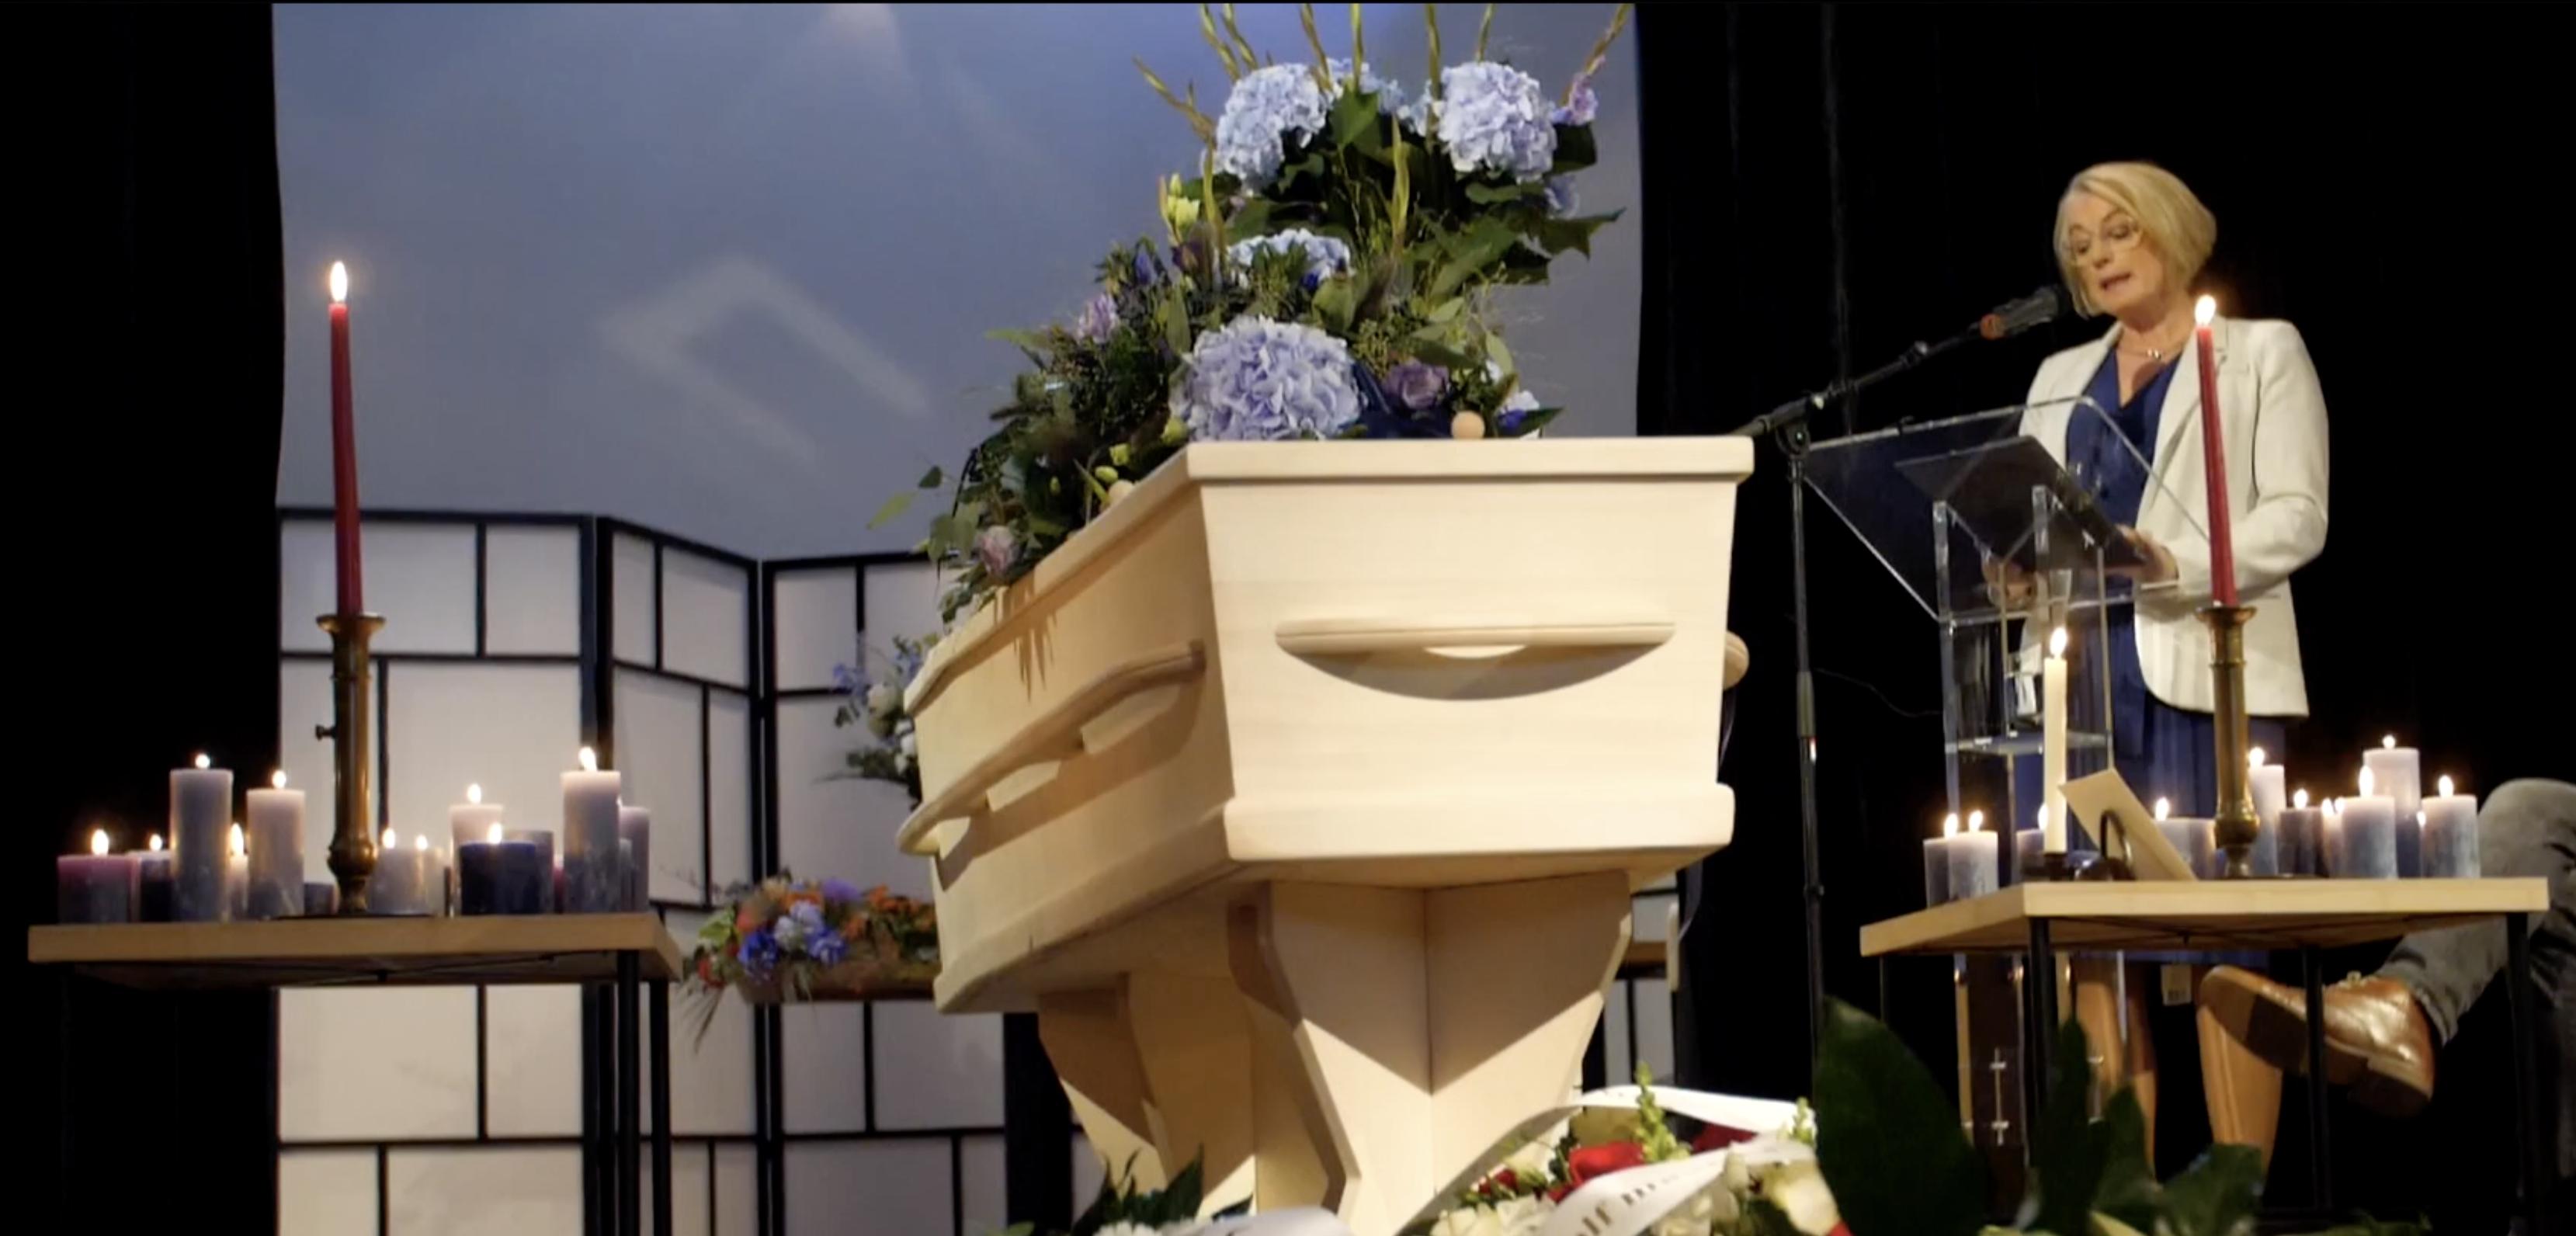 Aandacht voor Afscheid | uitvaart | begrafenis | crematie